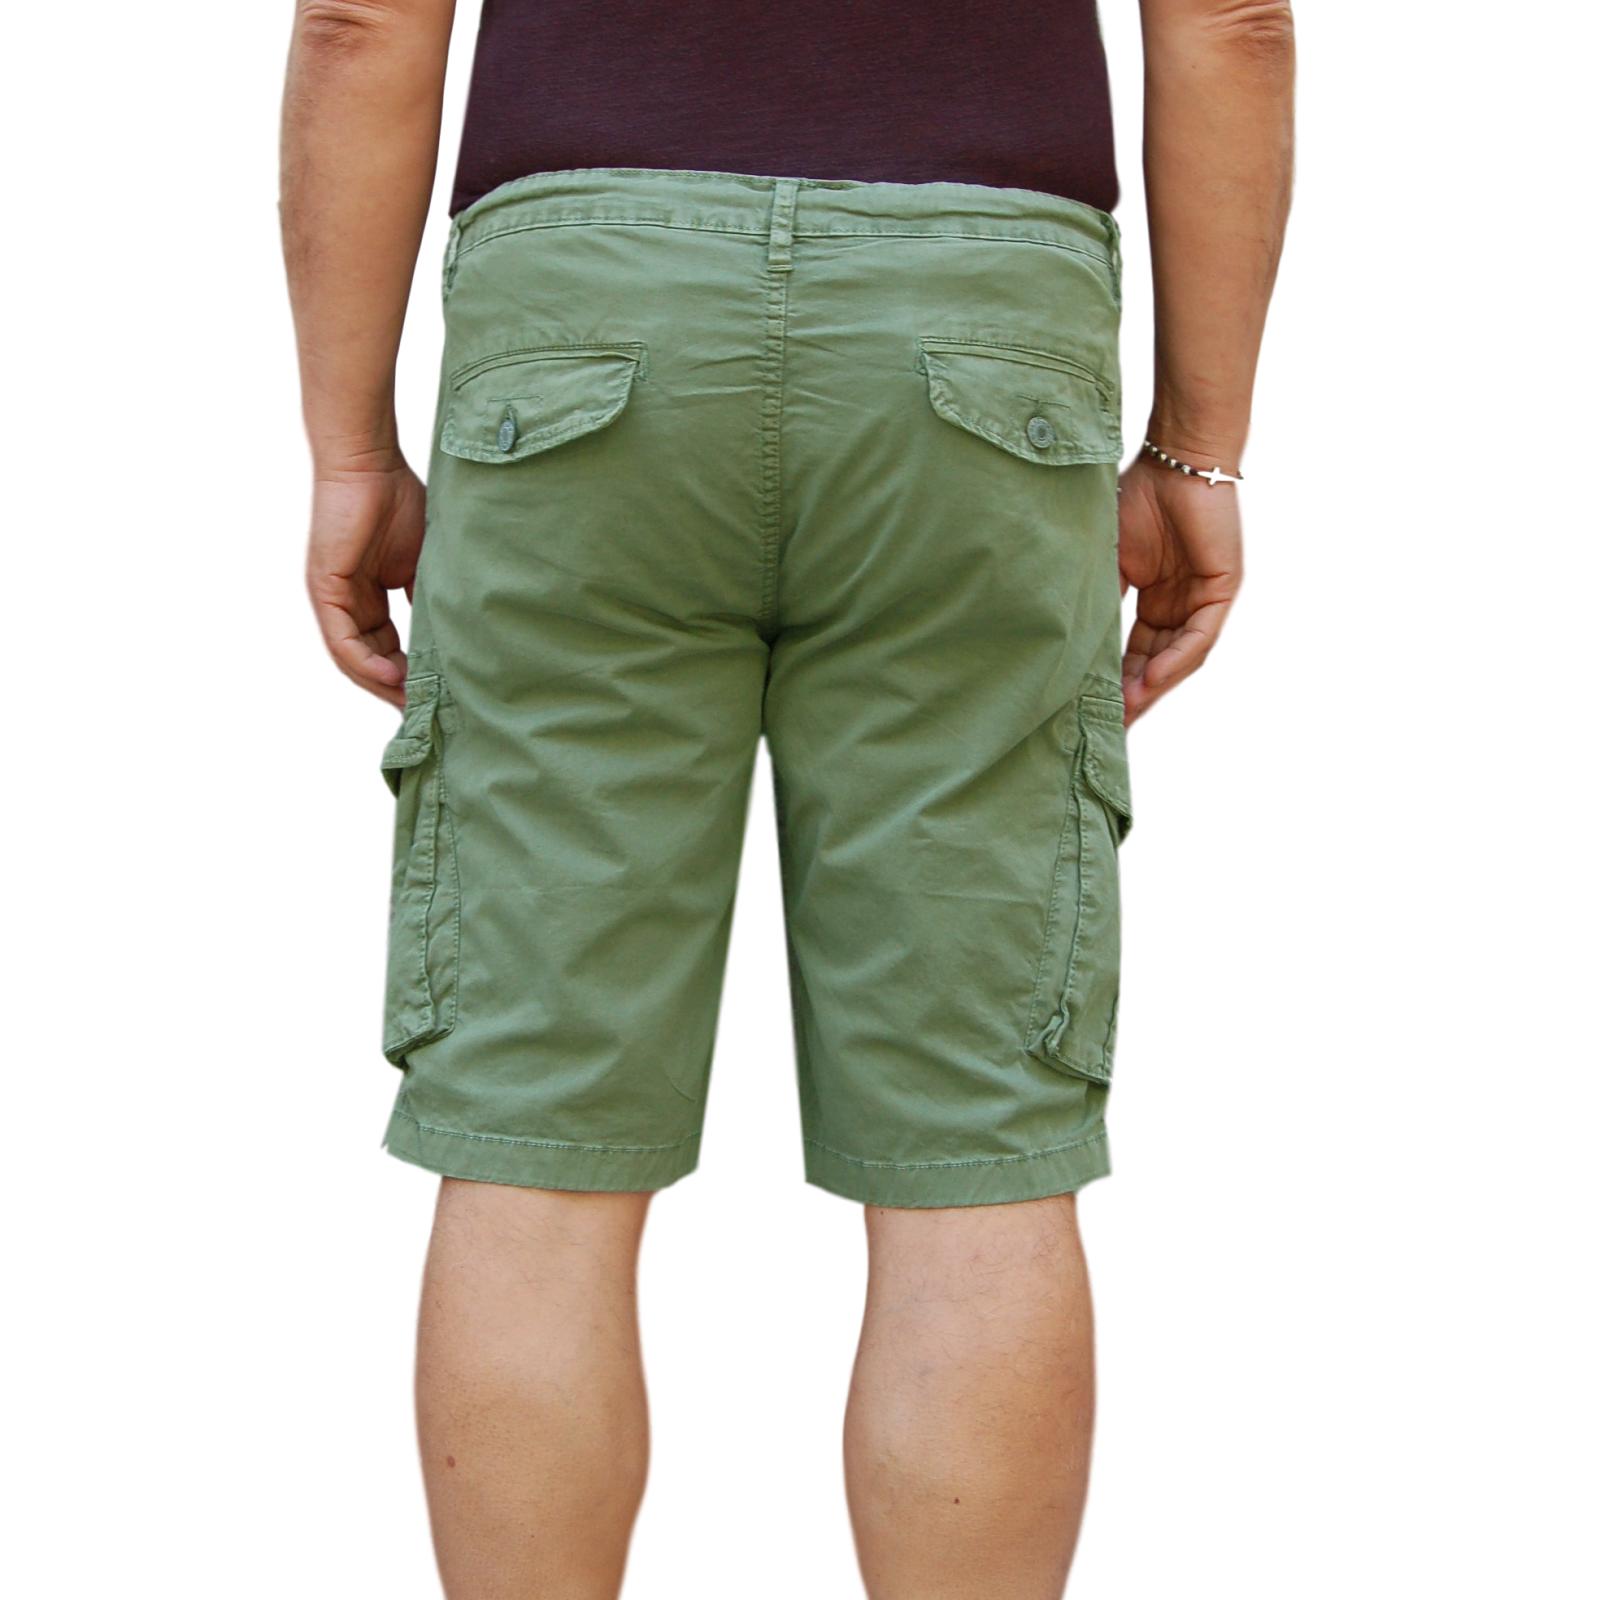 Bermuda-Uomo-Cargo-Pantalone-corto-Cotone-Tasconi-Laterali-Shorts-Casual-Nero miniatura 18